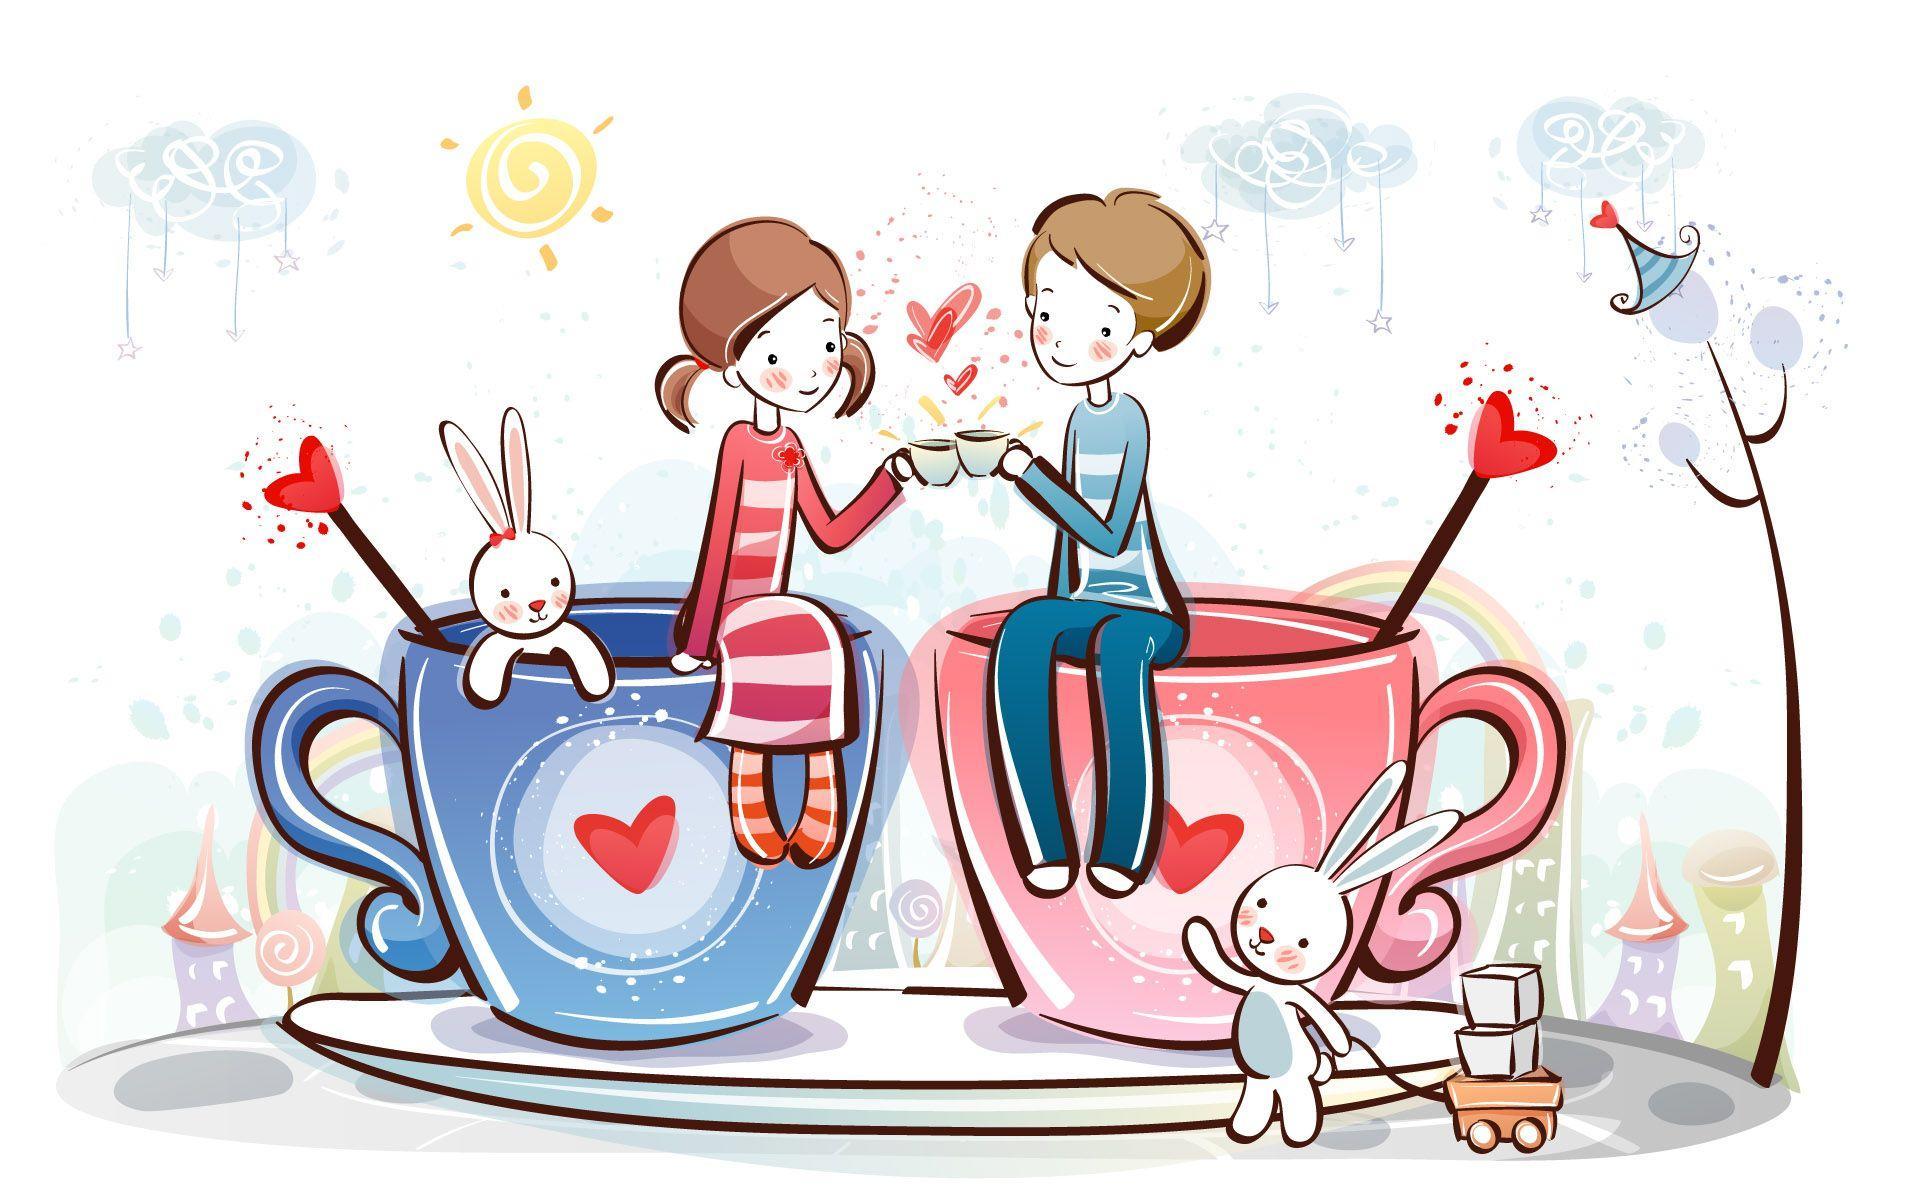 画像 : 可愛いカップルのpcデスクトップ壁紙&スマホ壁紙 画像(アニメ